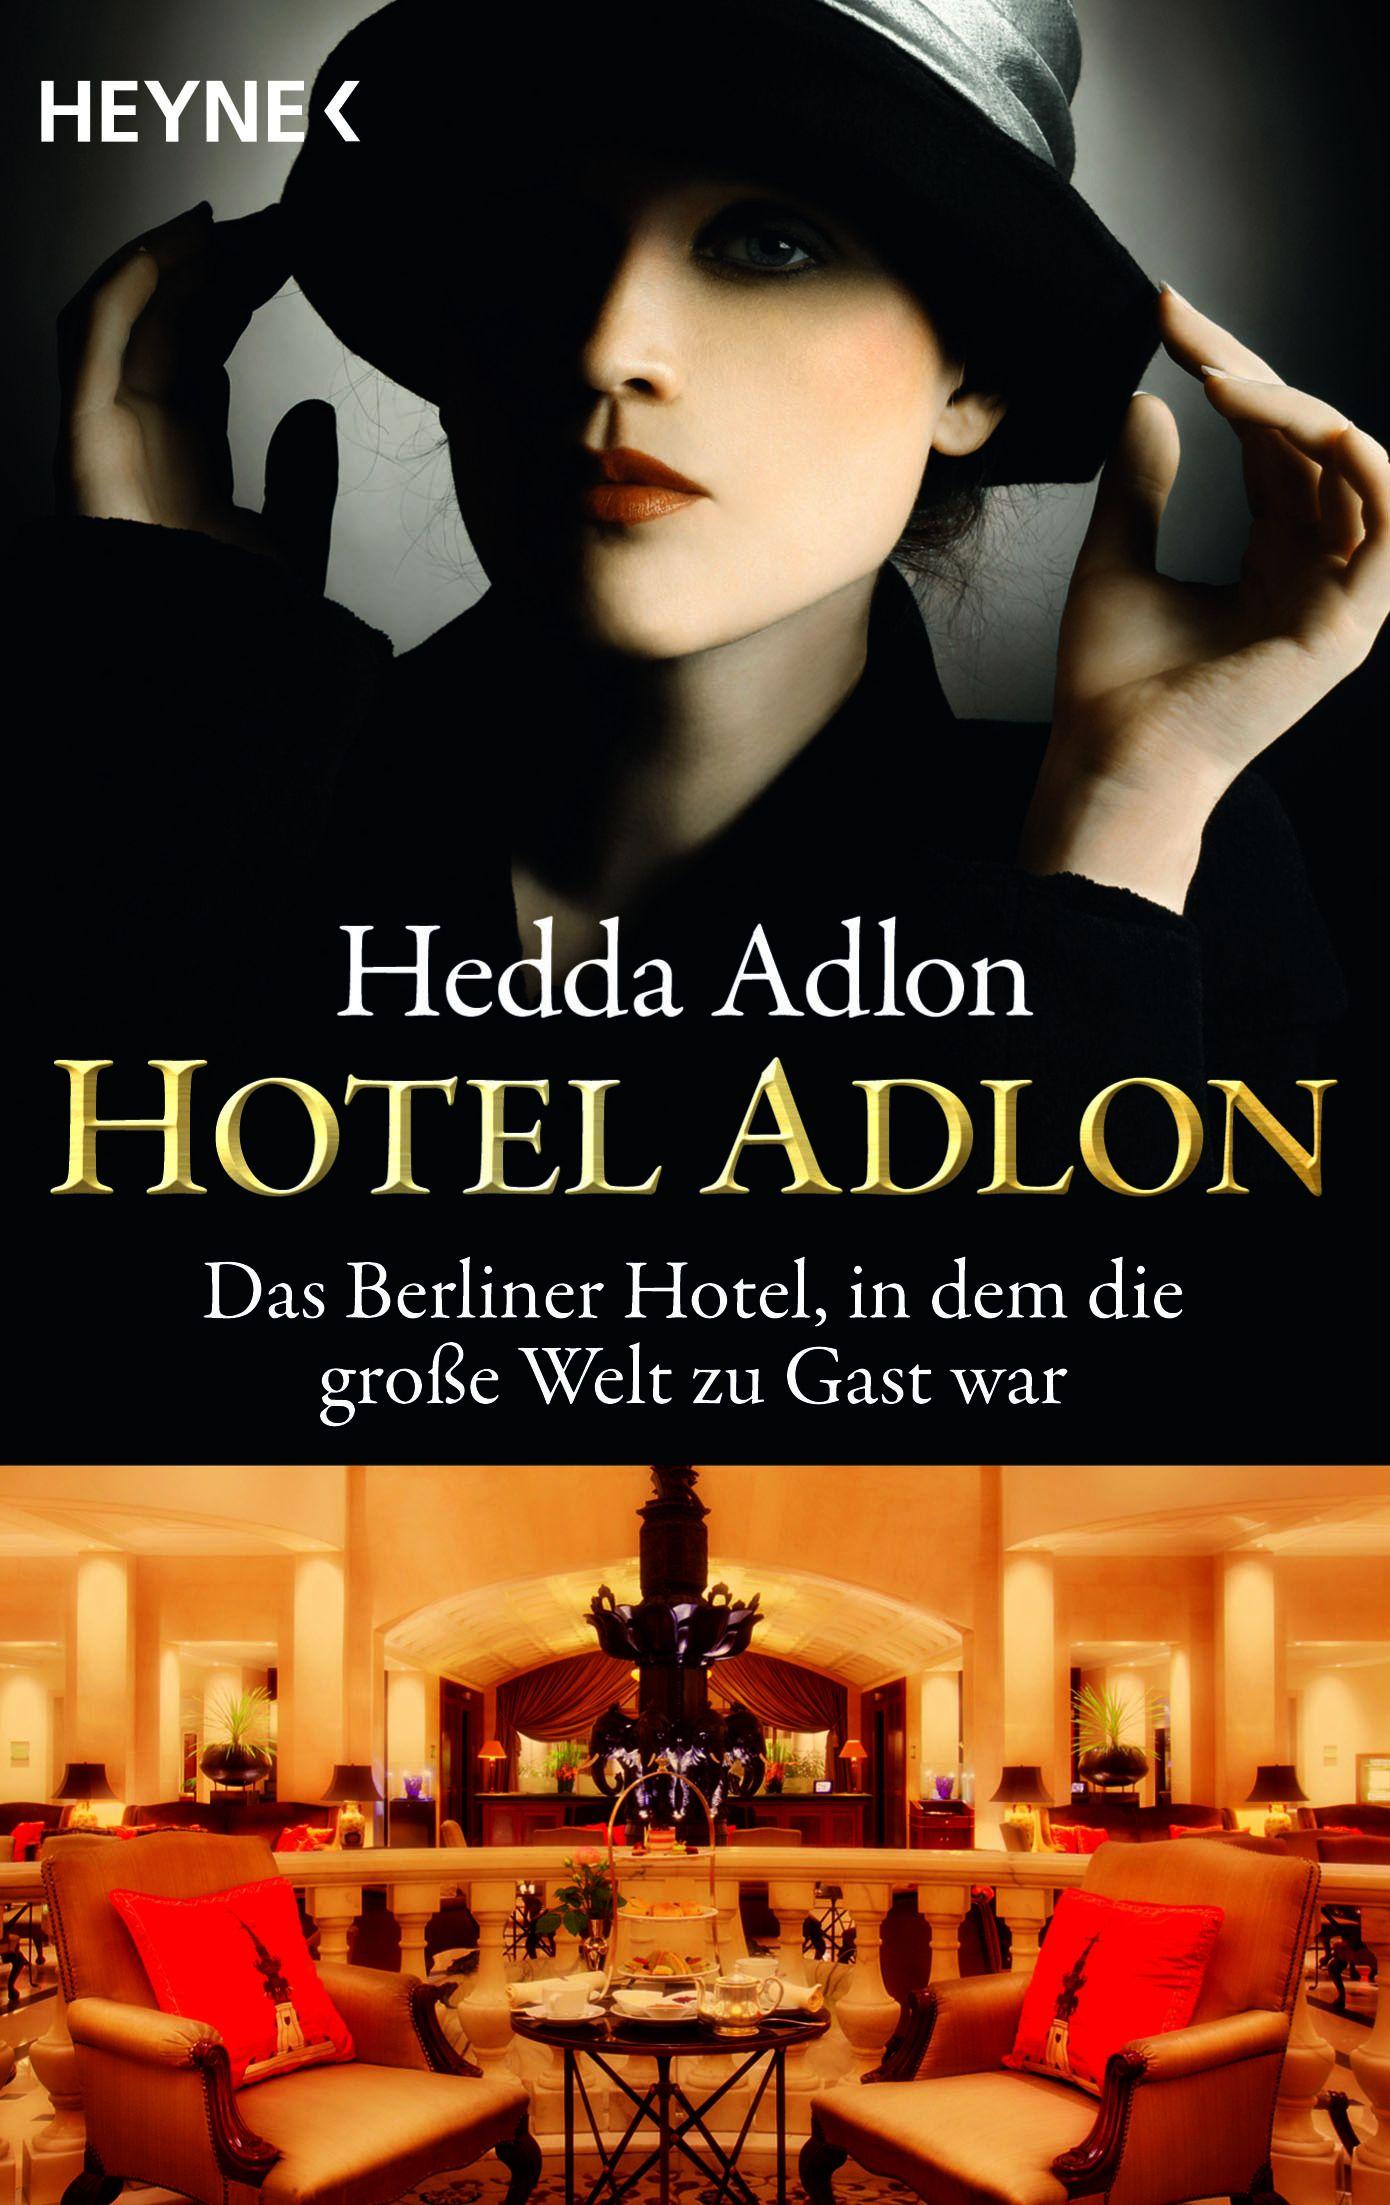 Hotel Adlon: Das Berliner Hotel, in dem die große Welt zu Gast war - Hedda Adlon